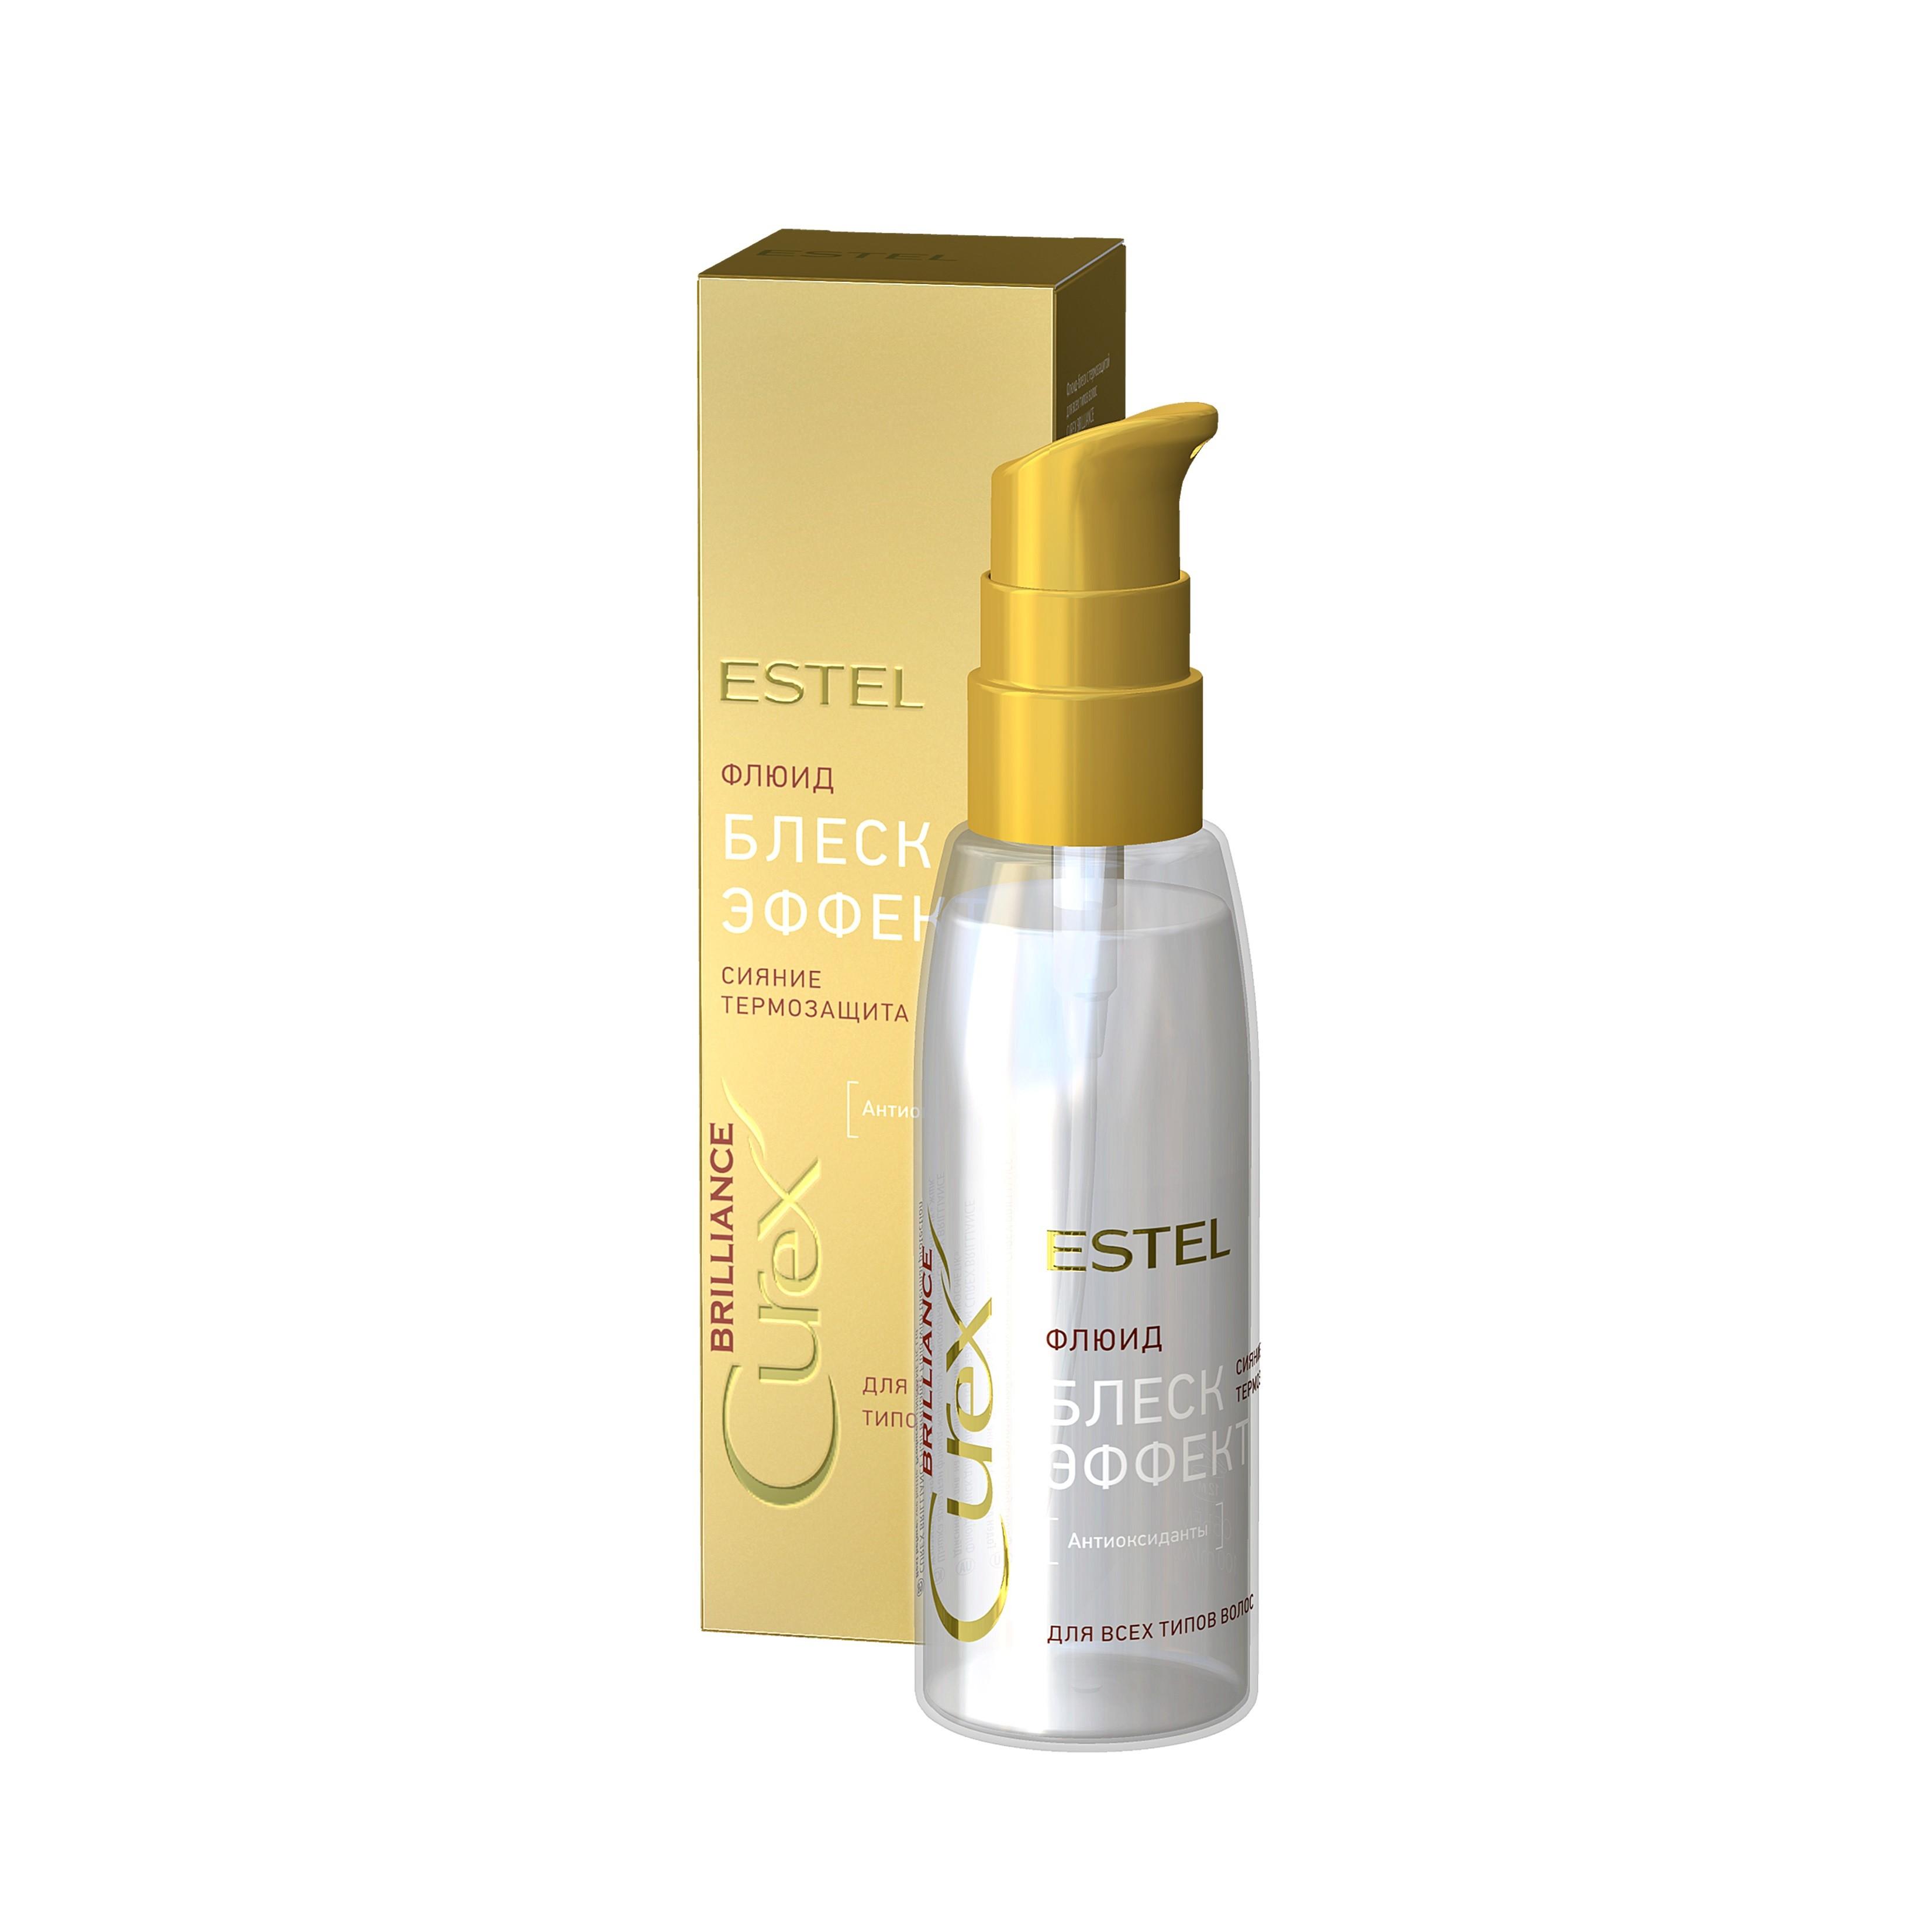 Флюид-блеск Estel Curex Brilliance с термозащитой 100 мл